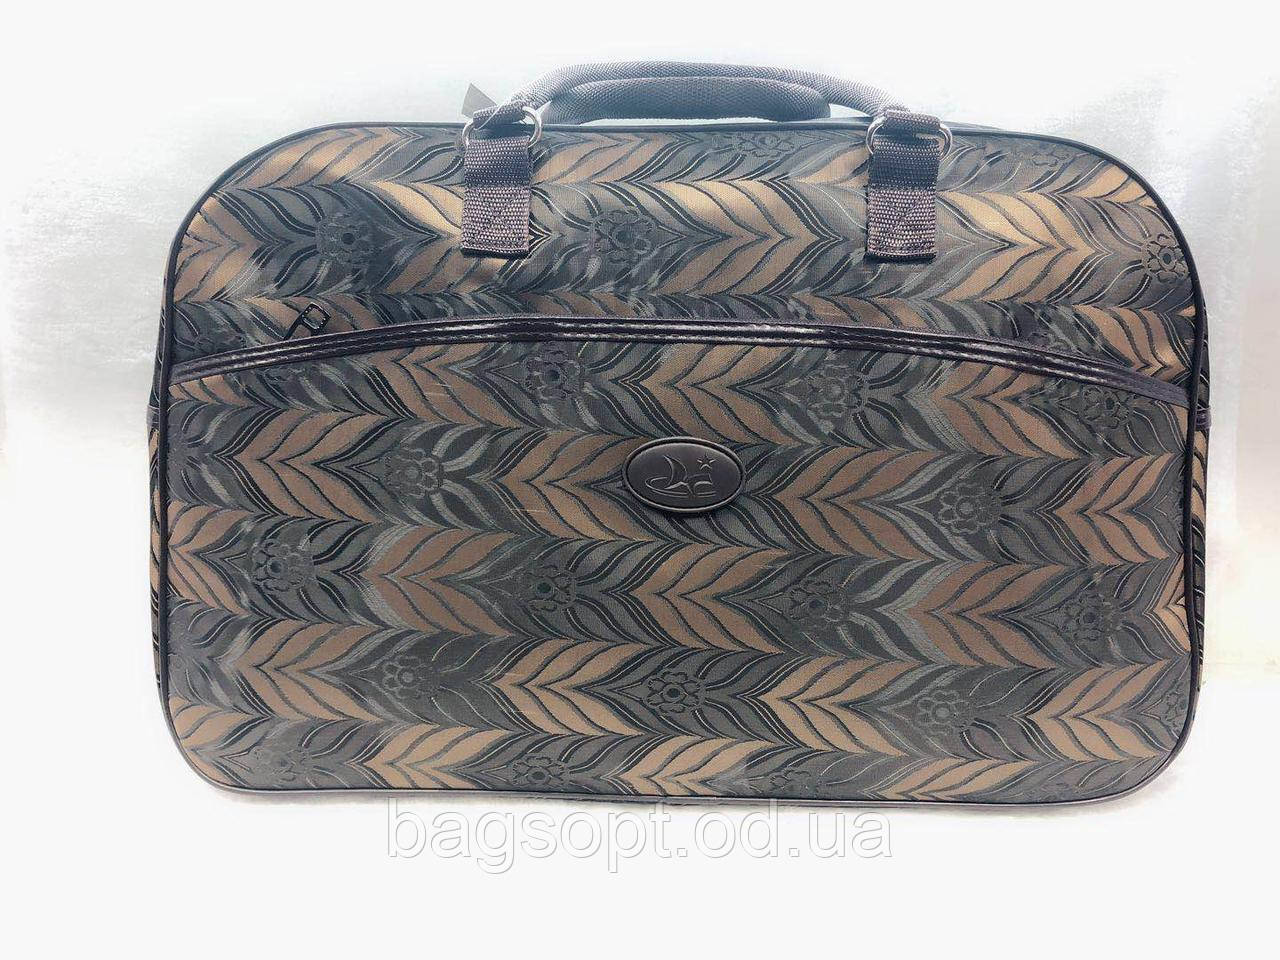 Сумка-саквояж текстильная дорожная женская коричневая